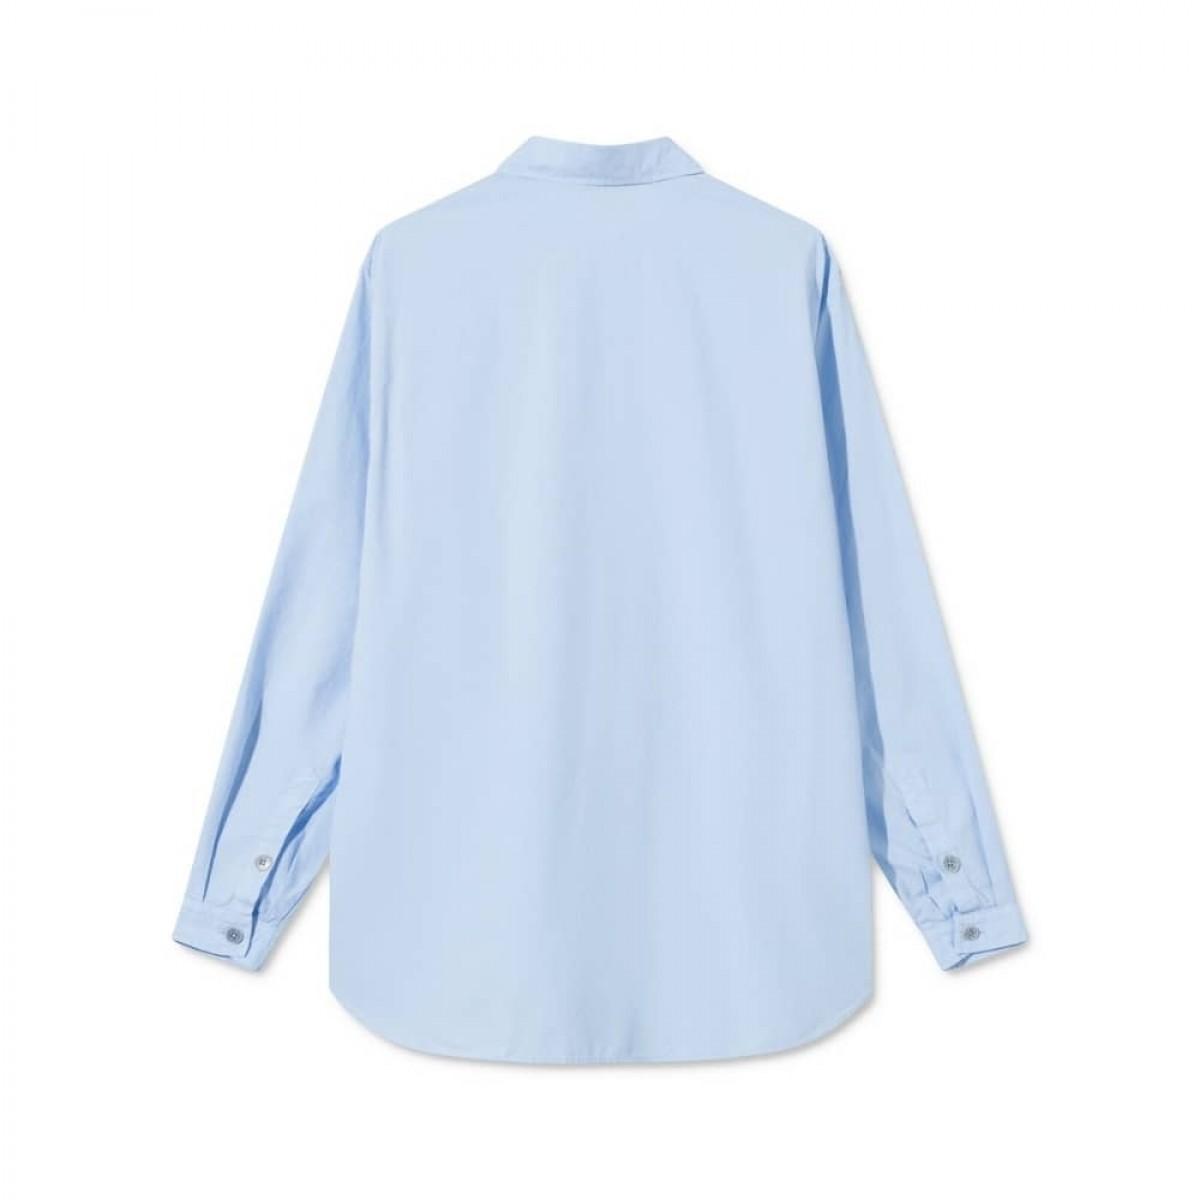 shiloh skjorte - light blue - ryg